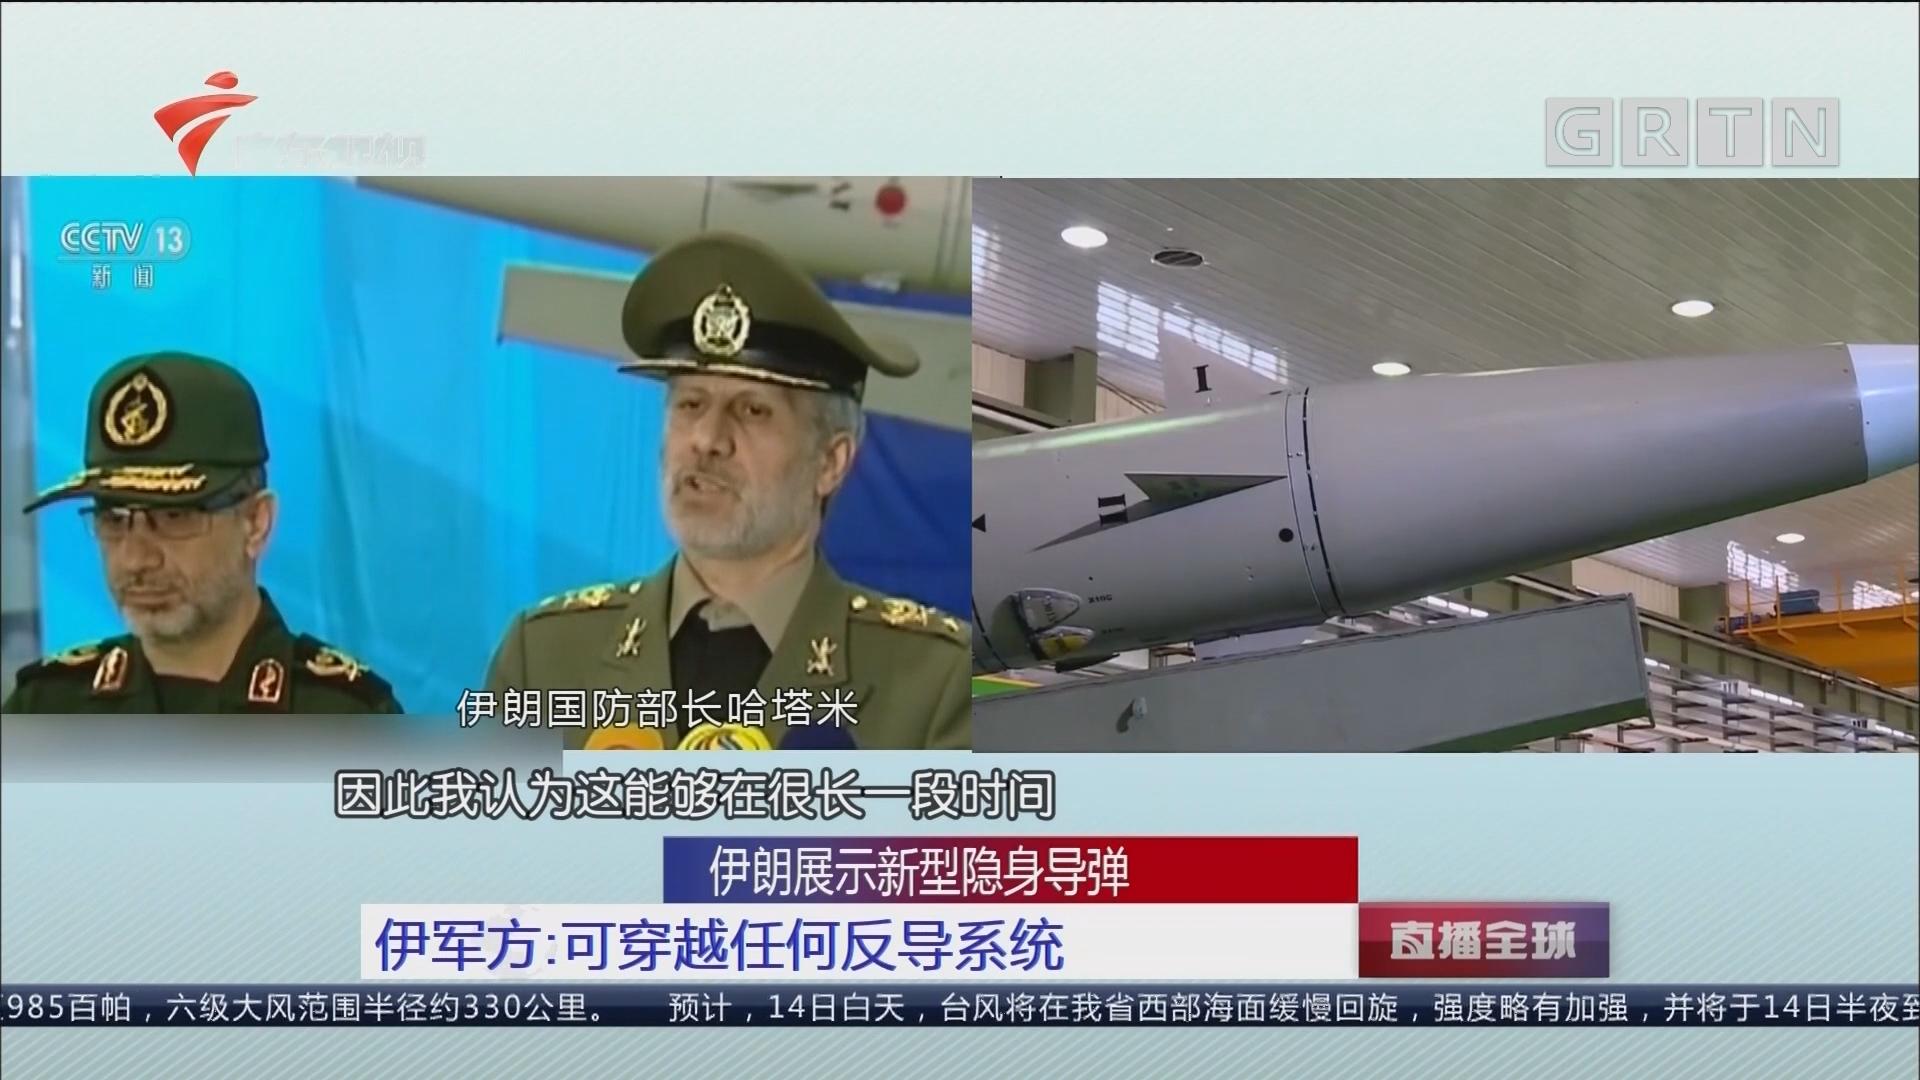 伊朗展示新型隐身导弹 伊军方:可穿越任何反导系统